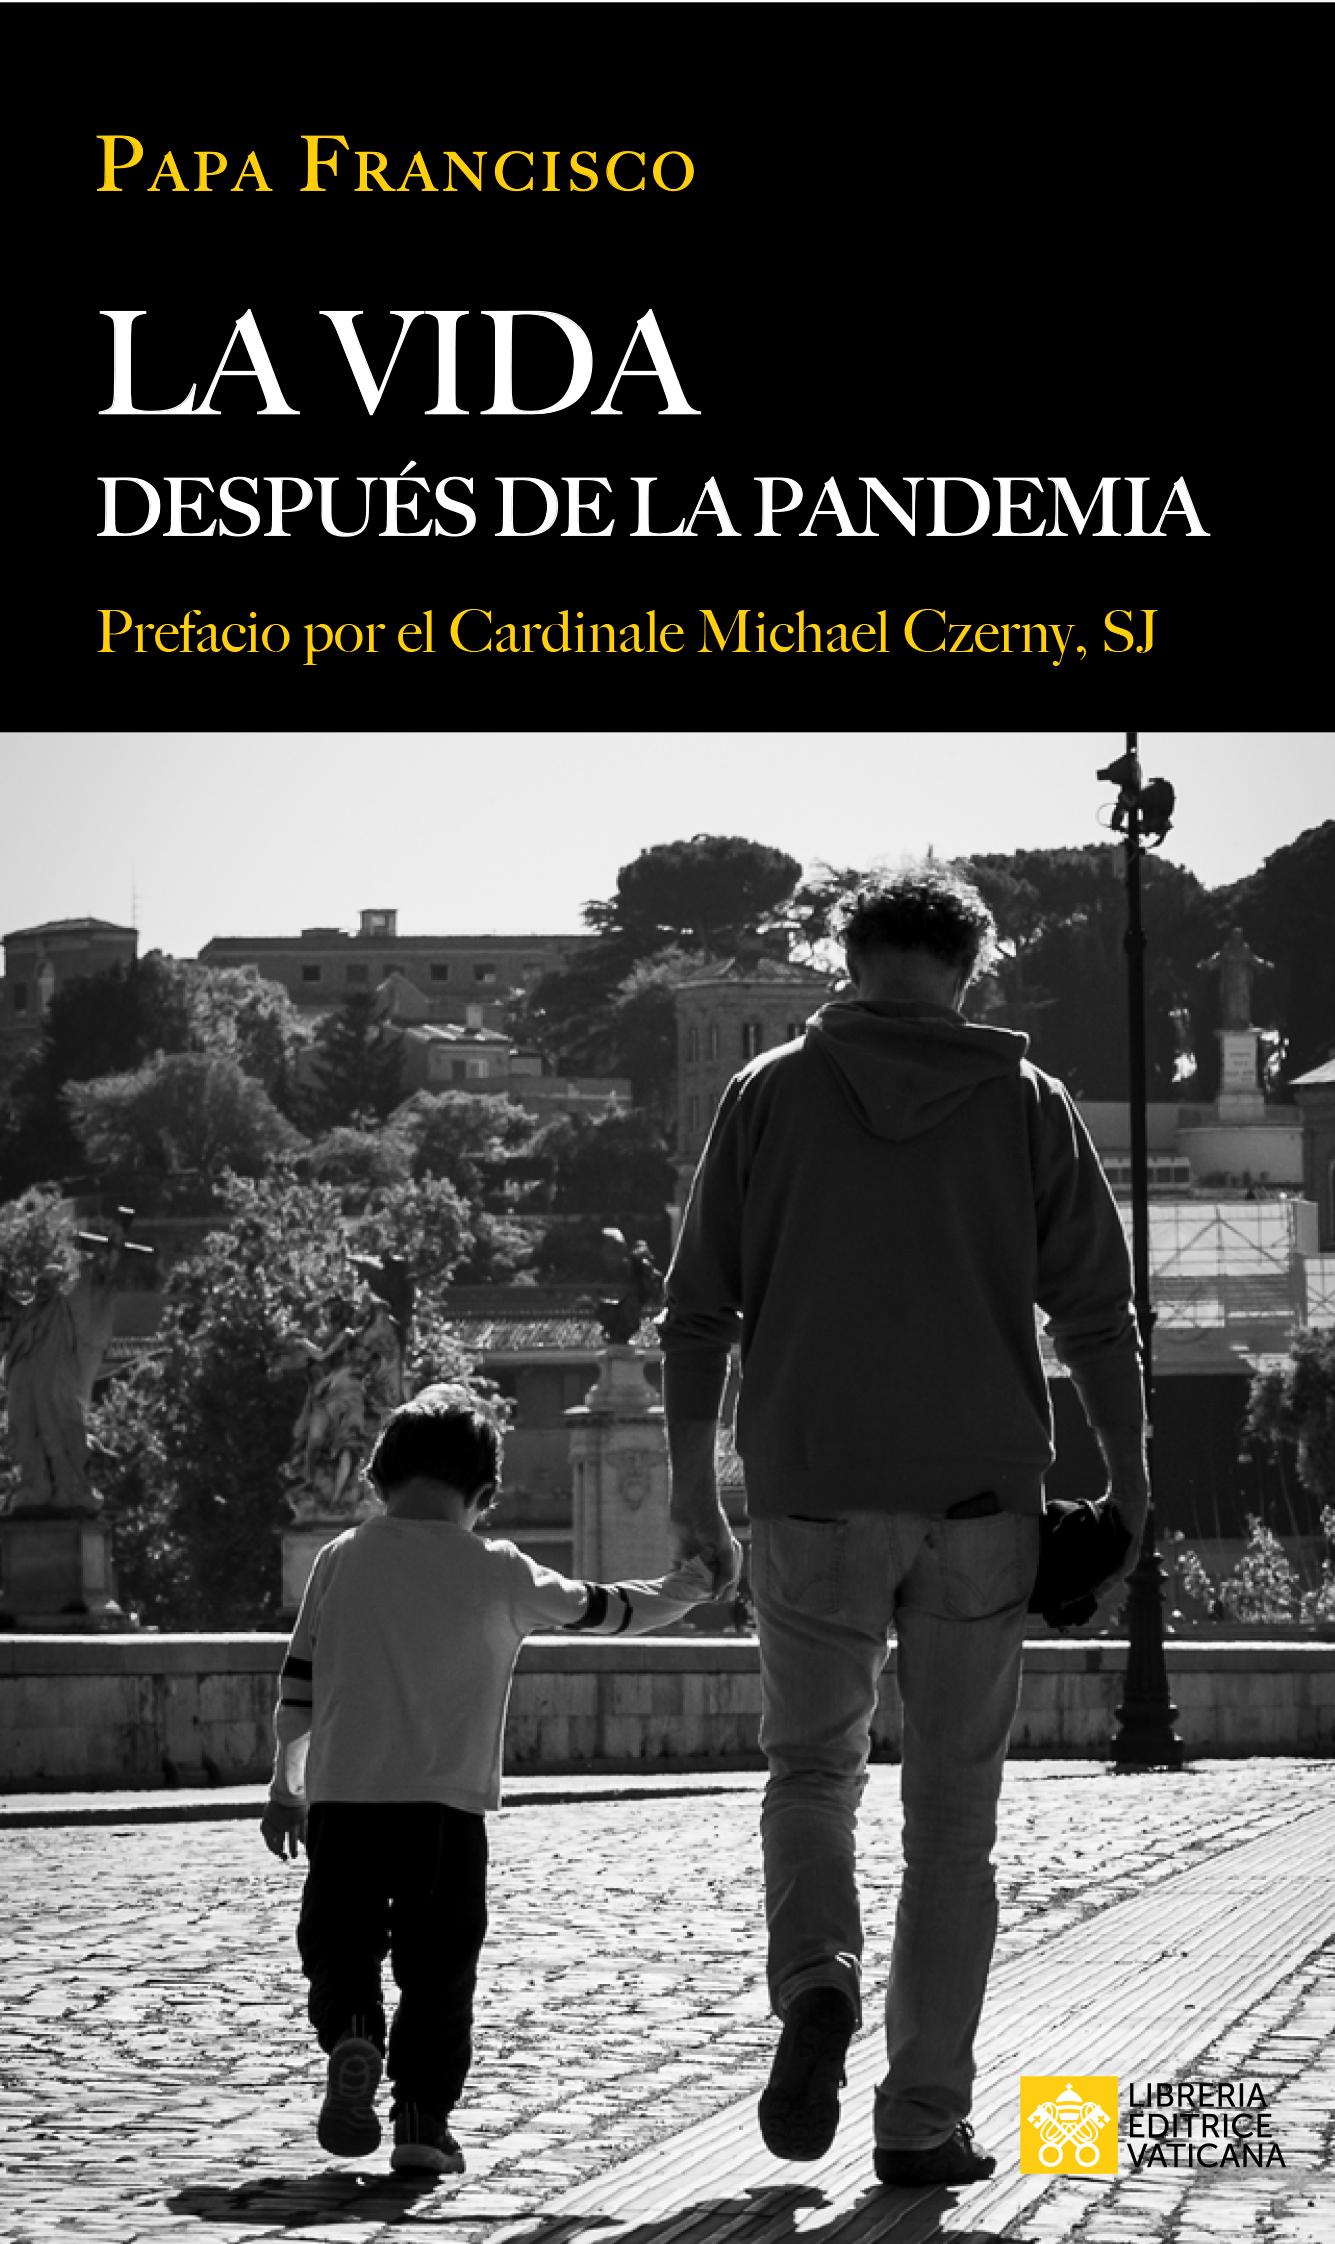 'A vida depois da pandemia' reúne 8 textos de Francisco e tem prefácio do cardeal Michael Czerny, SJ